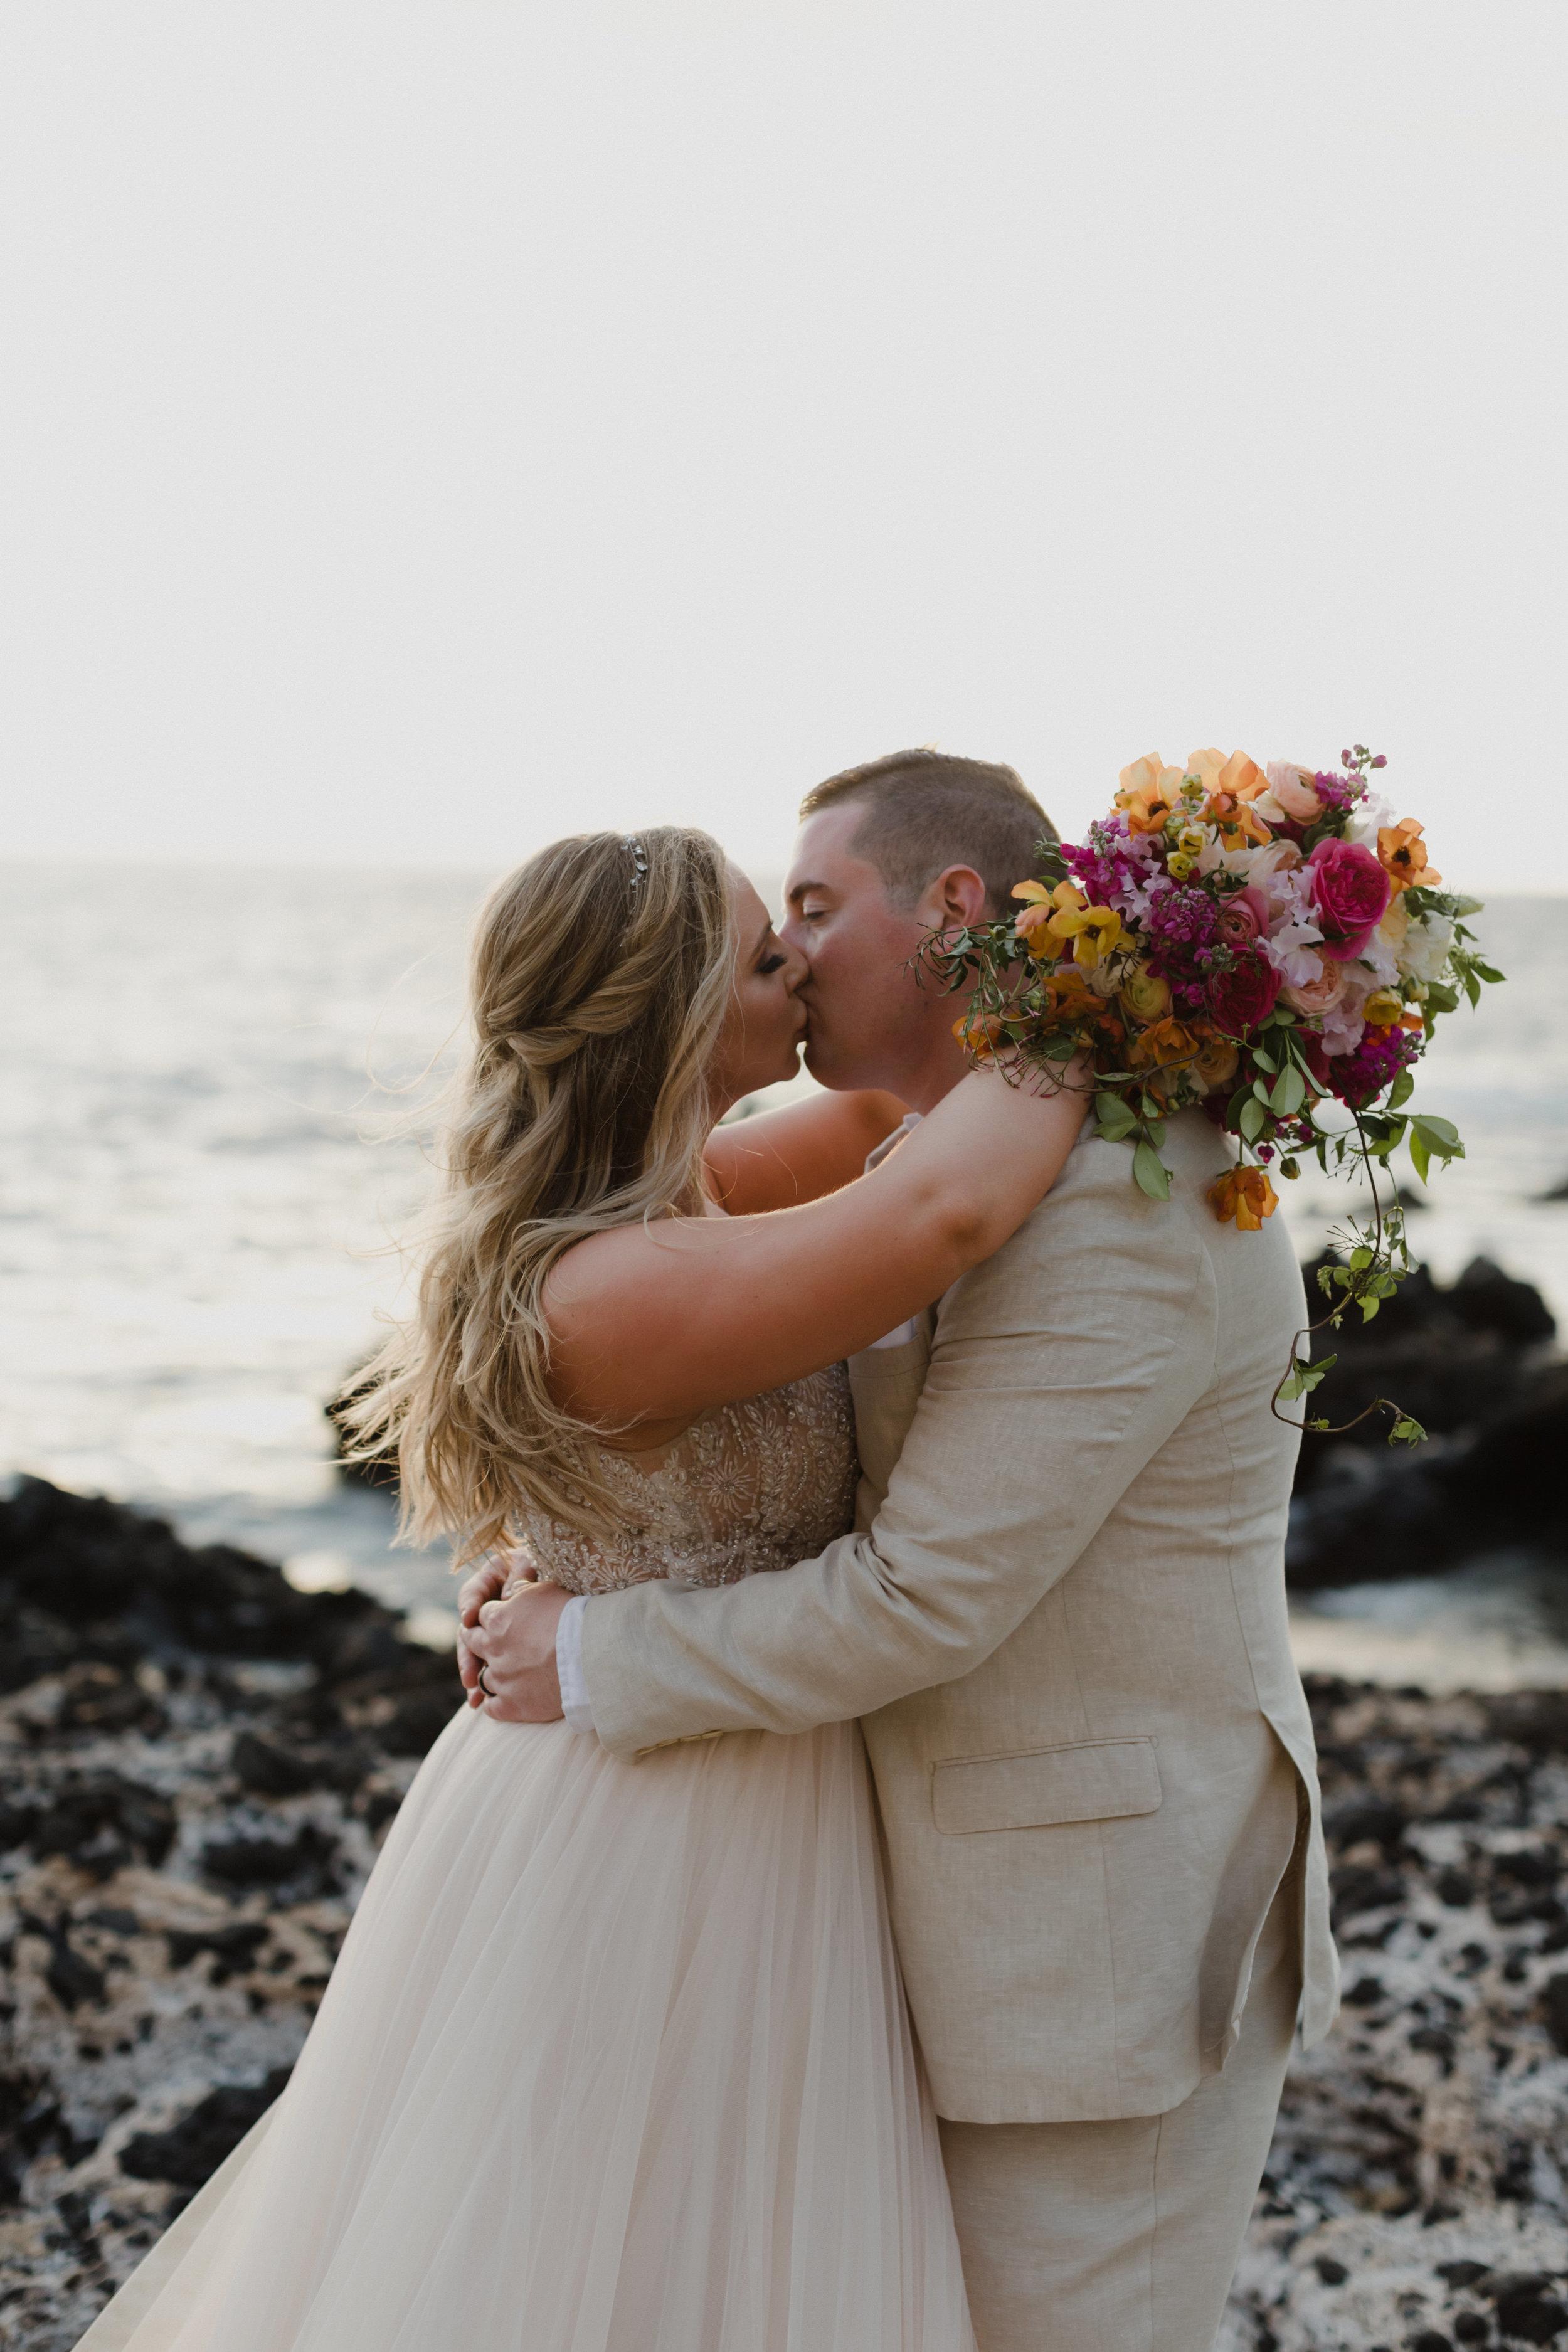 Stephanie-Betsill-Photography-Maui-Photographer-Hawaii-Wedding-Photographer--12.jpg